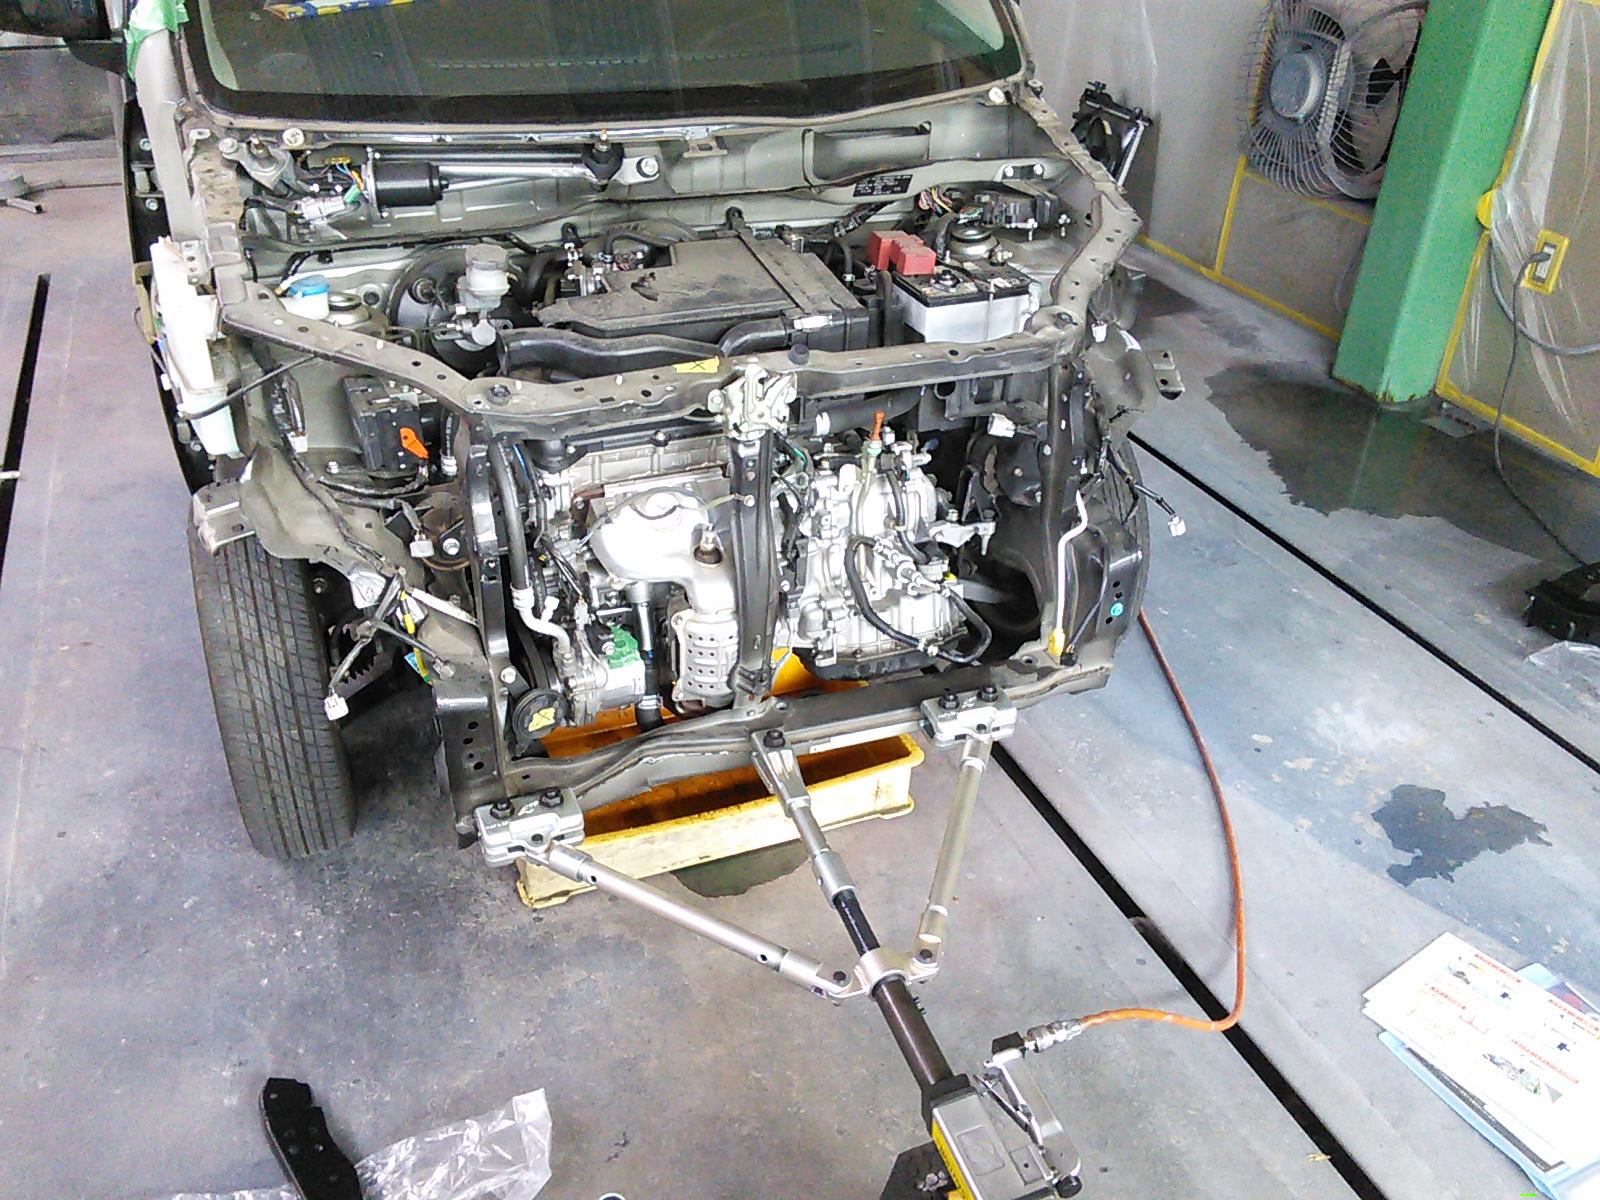 ワゴンR事故修理 コアサポート交換   豊田市  板金塗装